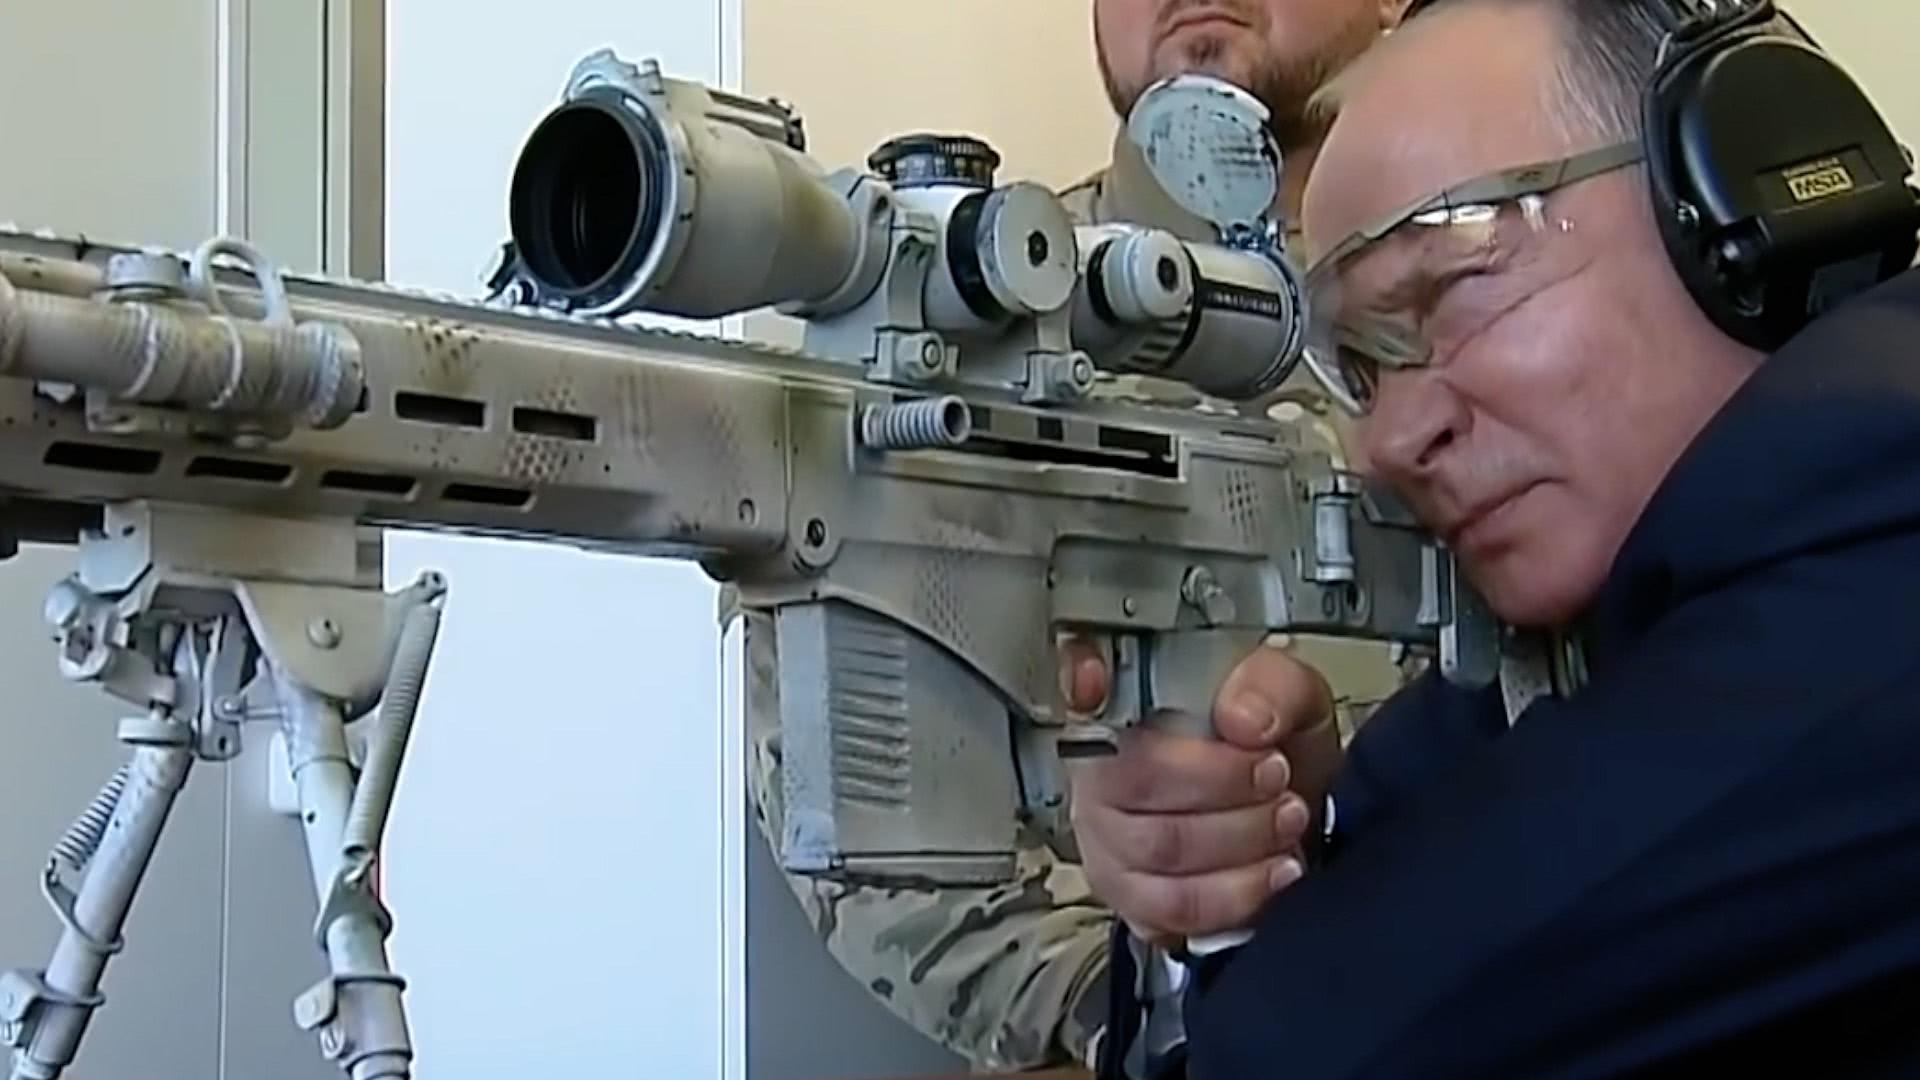 普京试射新狙击步枪动作专业 表情凶狠针对谁?